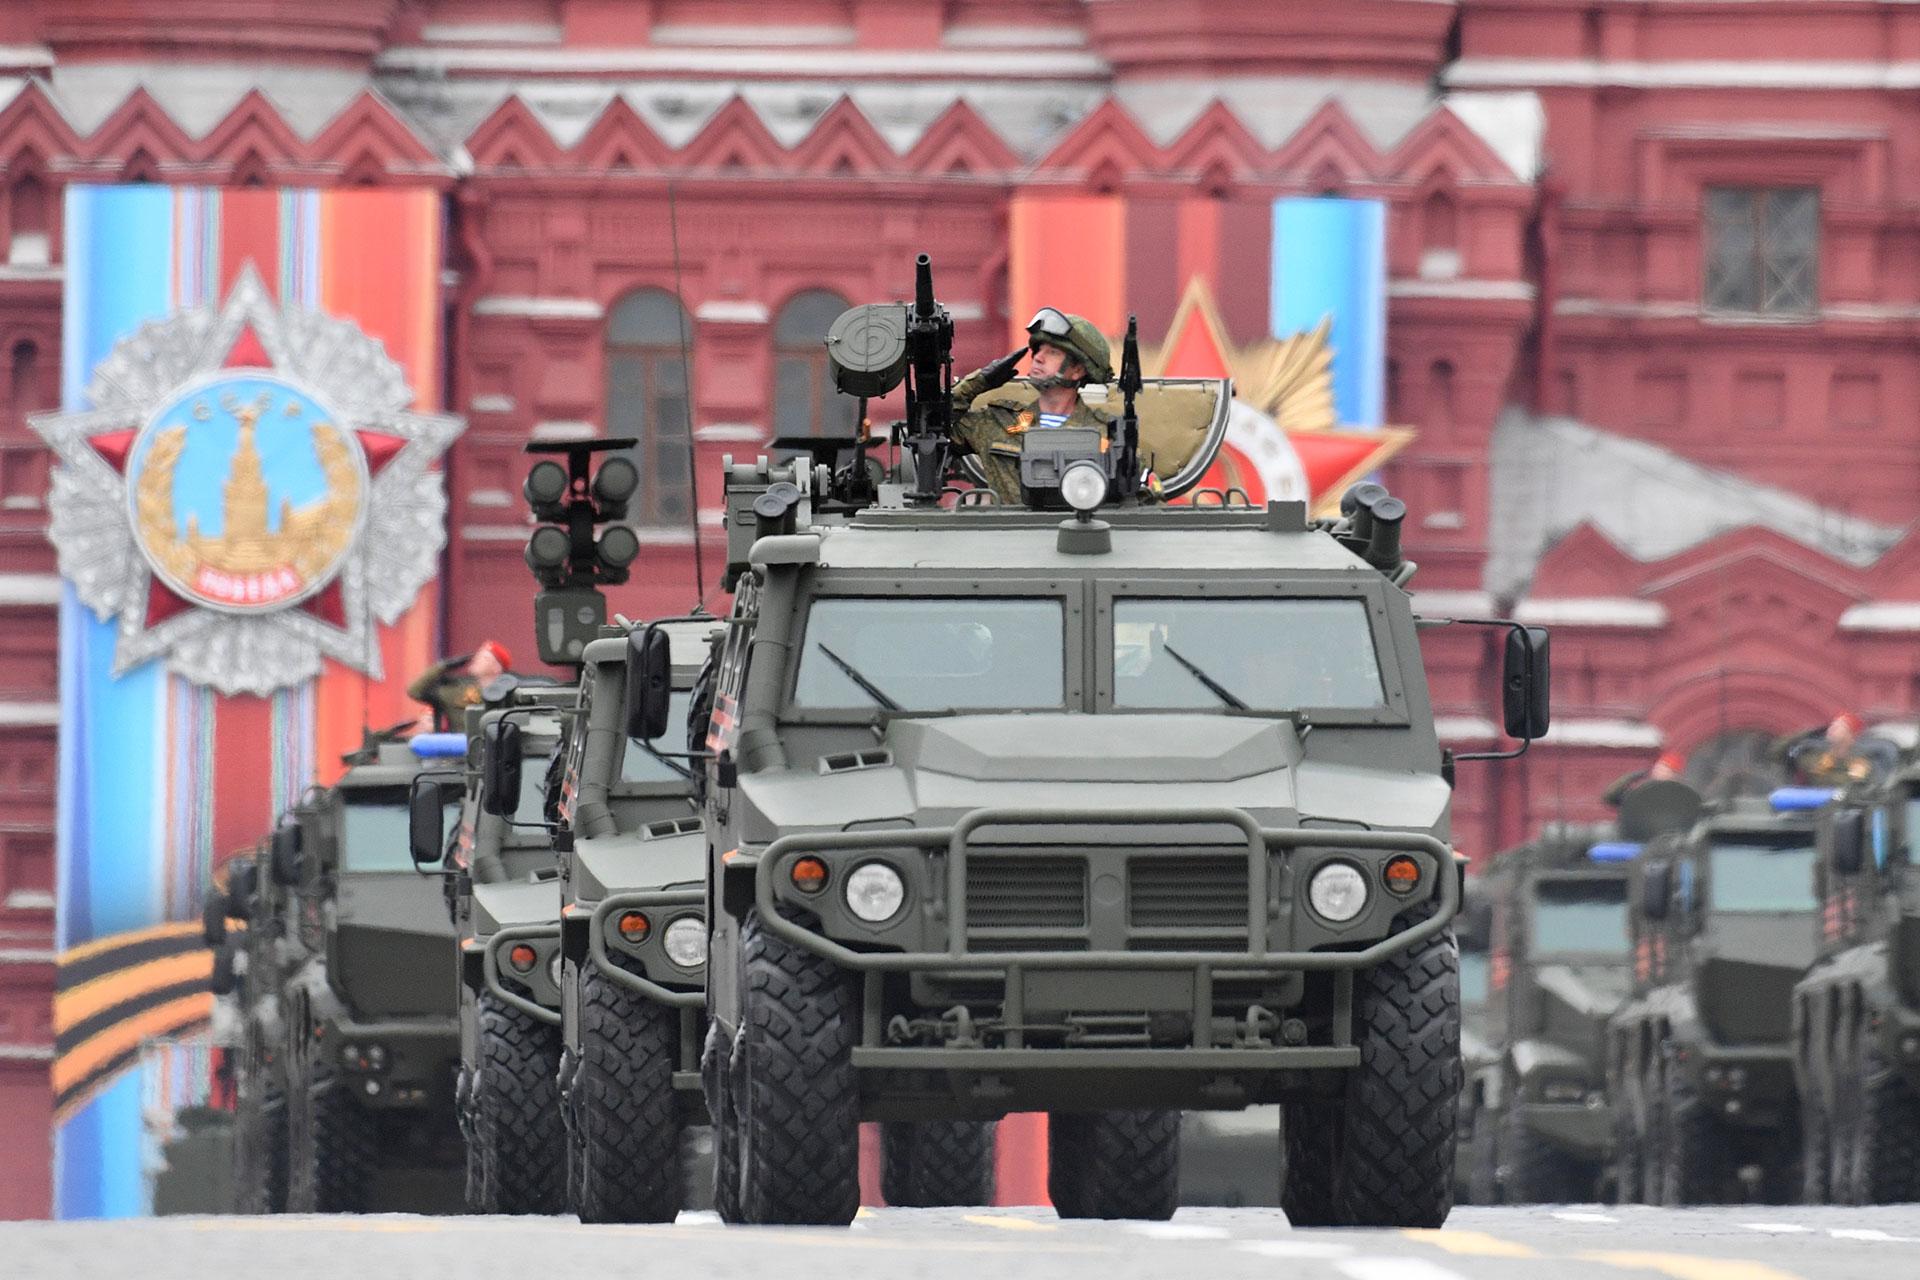 El GAZ Tigr es un vehículo todo terreno blindado que llegó los arsenales rusos en 2006 (AFP)